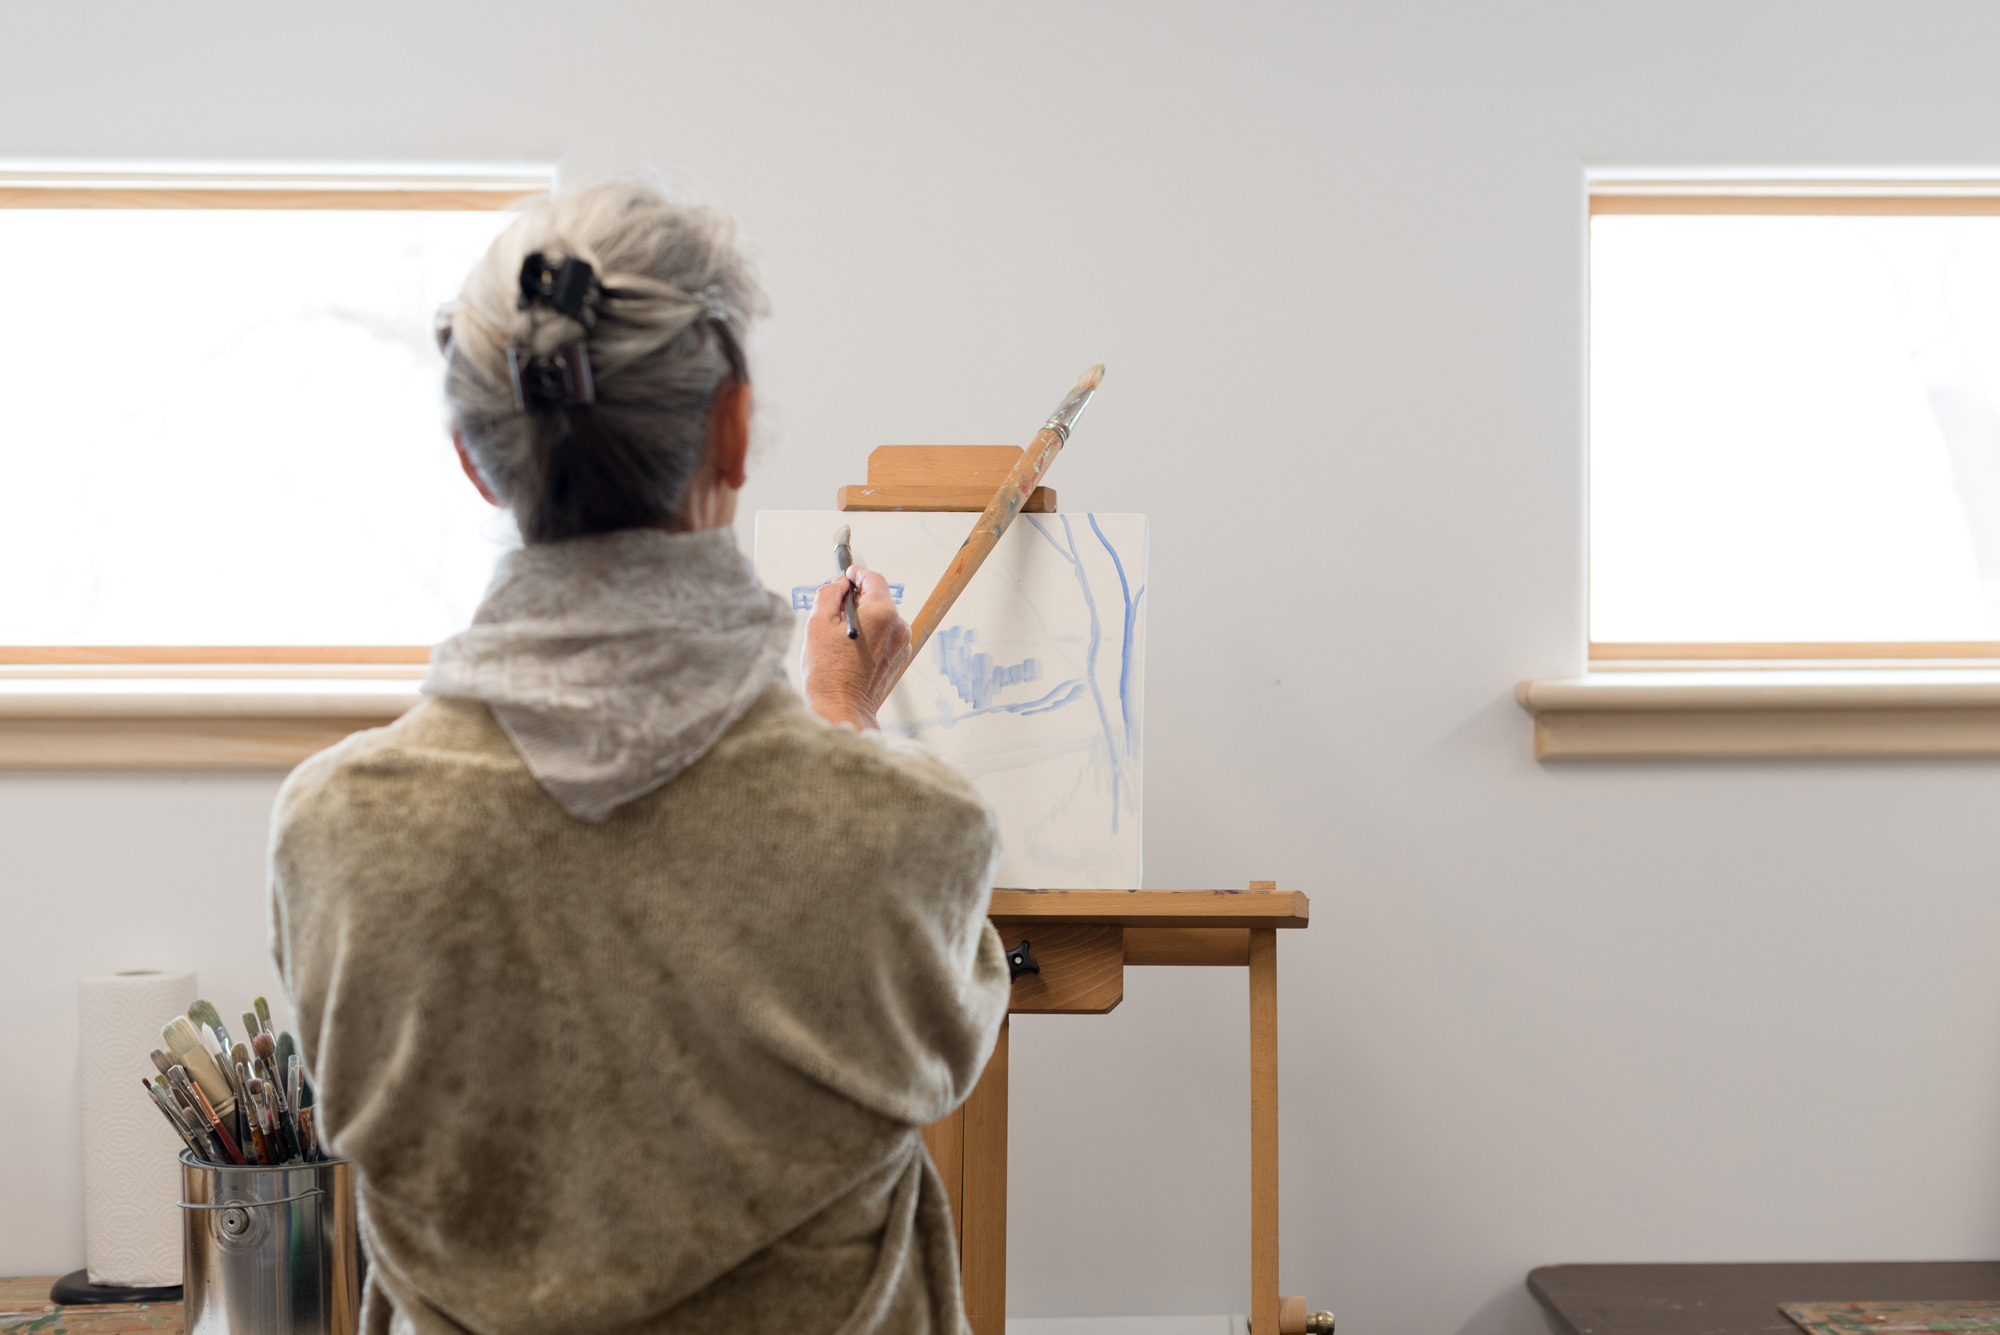 ArtCan student